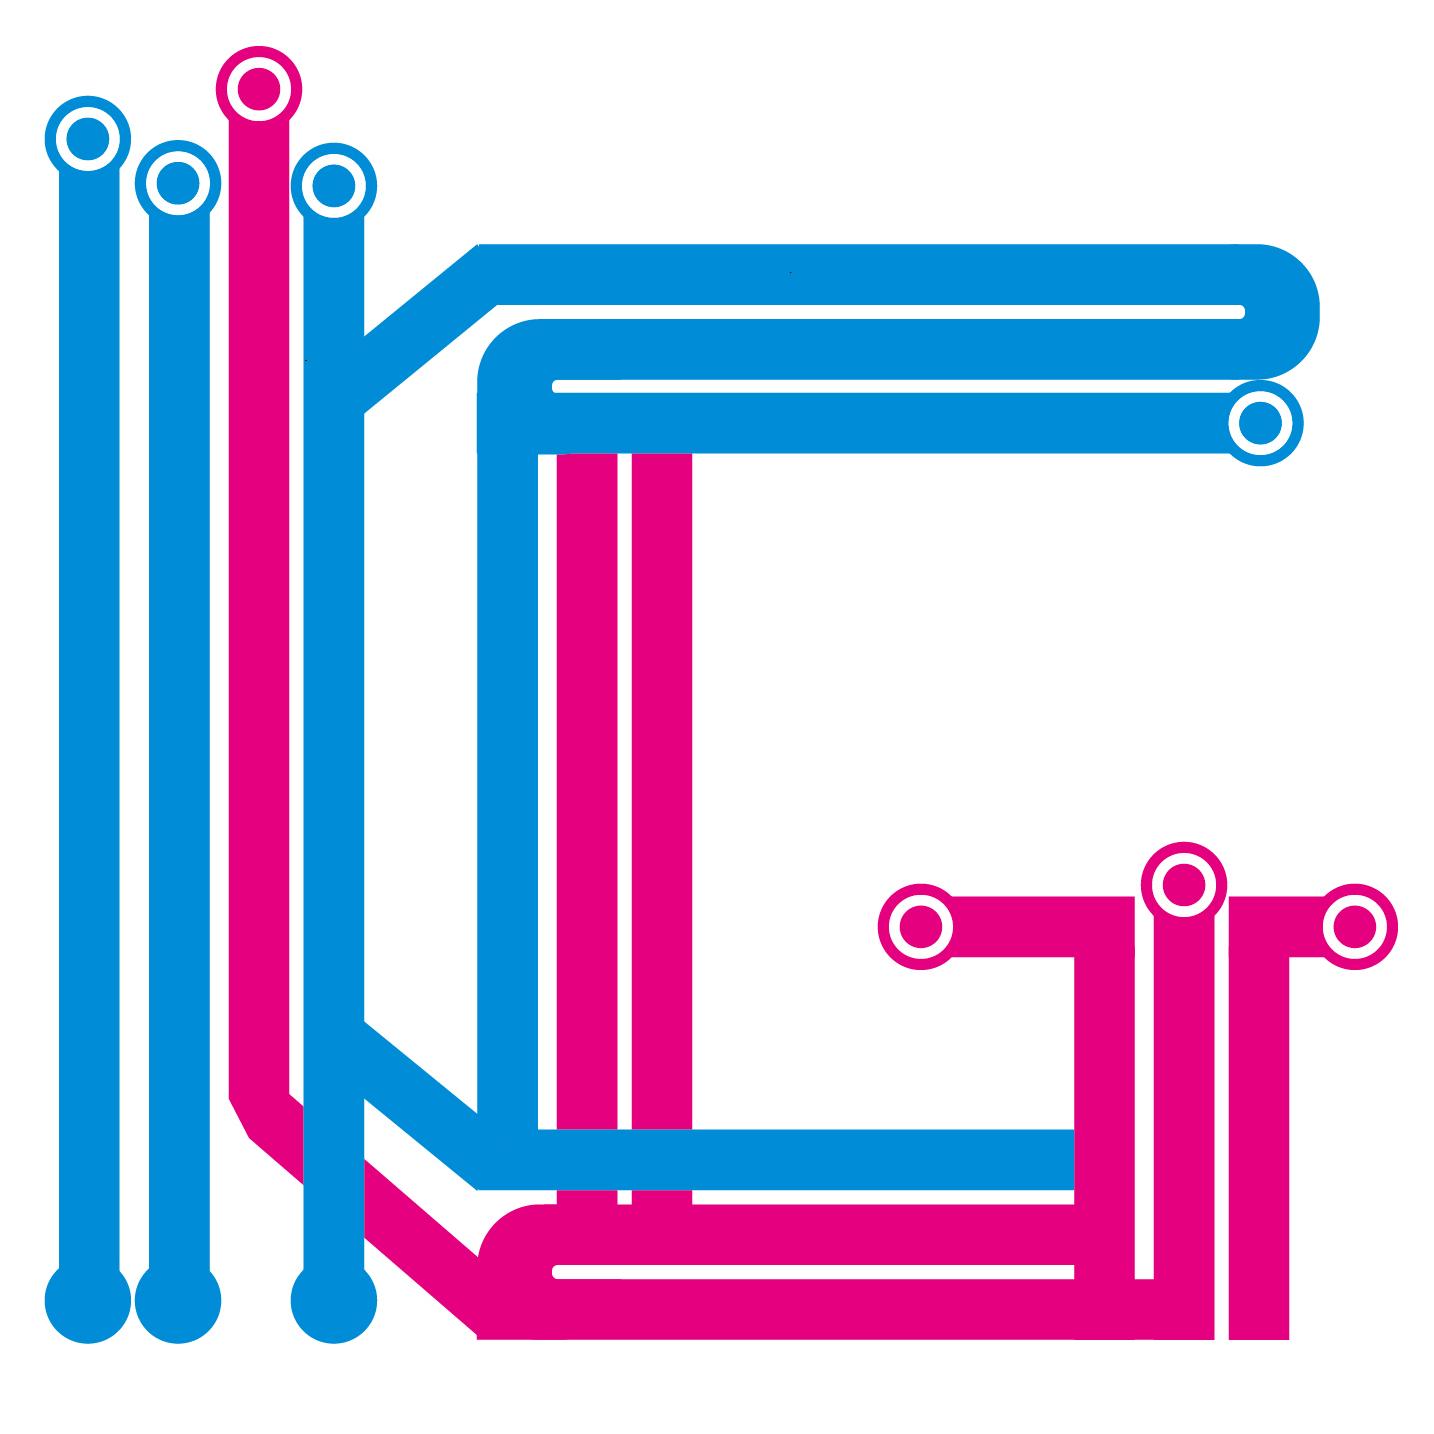 【凯歌科技】桂林凯歌信息科技有限公司招聘:公司标志 logo